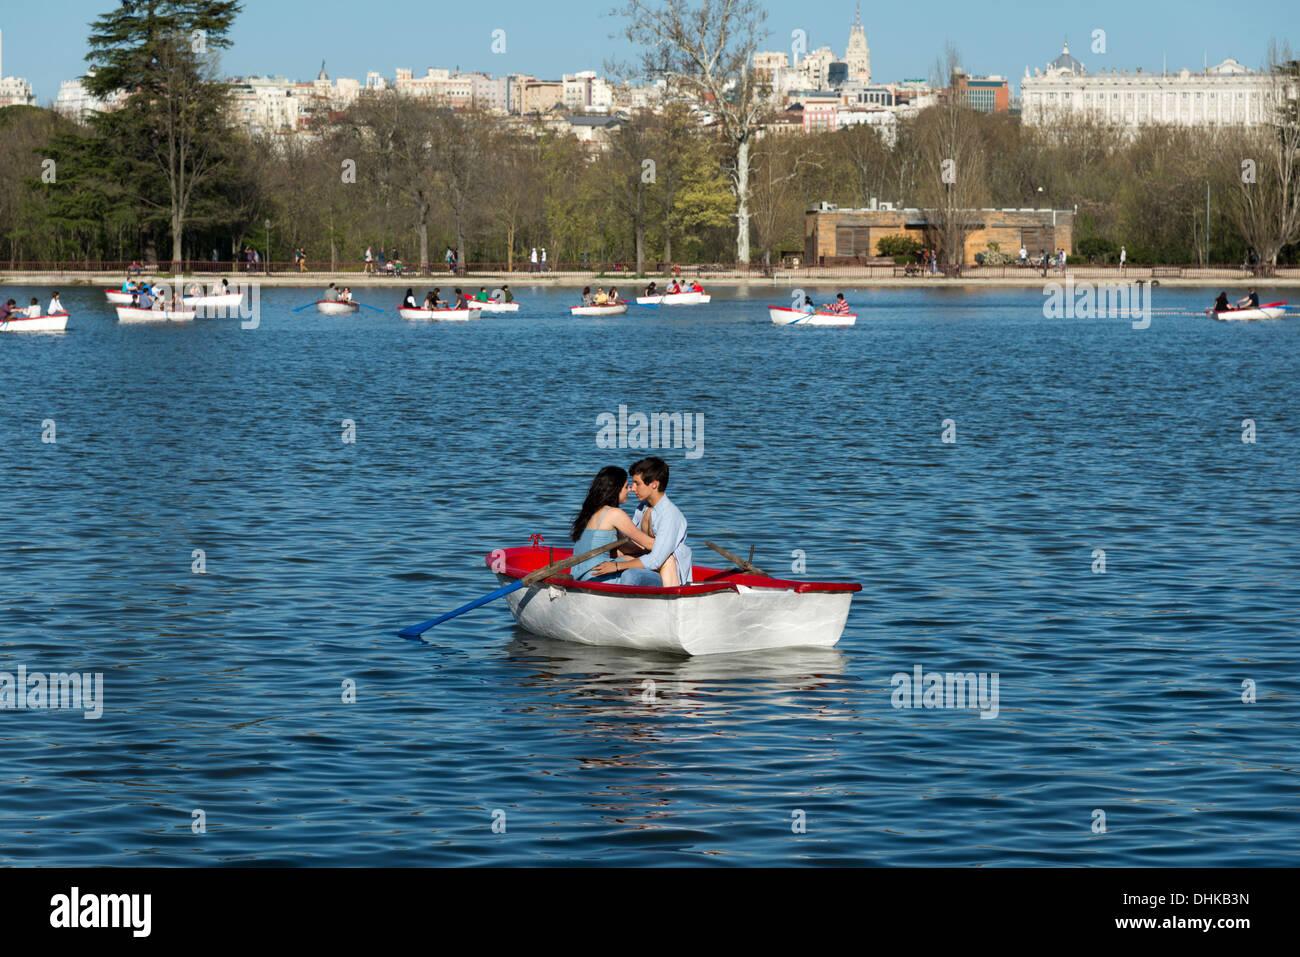 Coppia giovane in barca il lago in Casa de Campo, Madrid, Spagna Immagini Stock